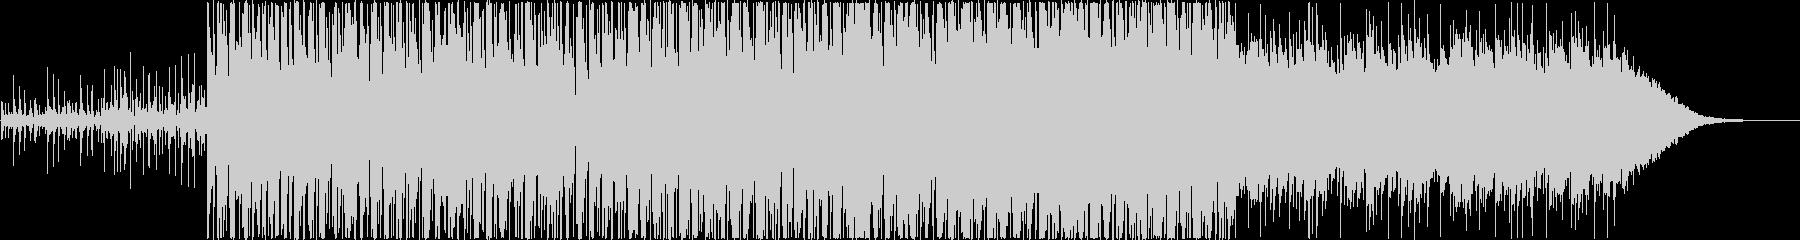 前向きな南国トロピカル風BGMですの未再生の波形